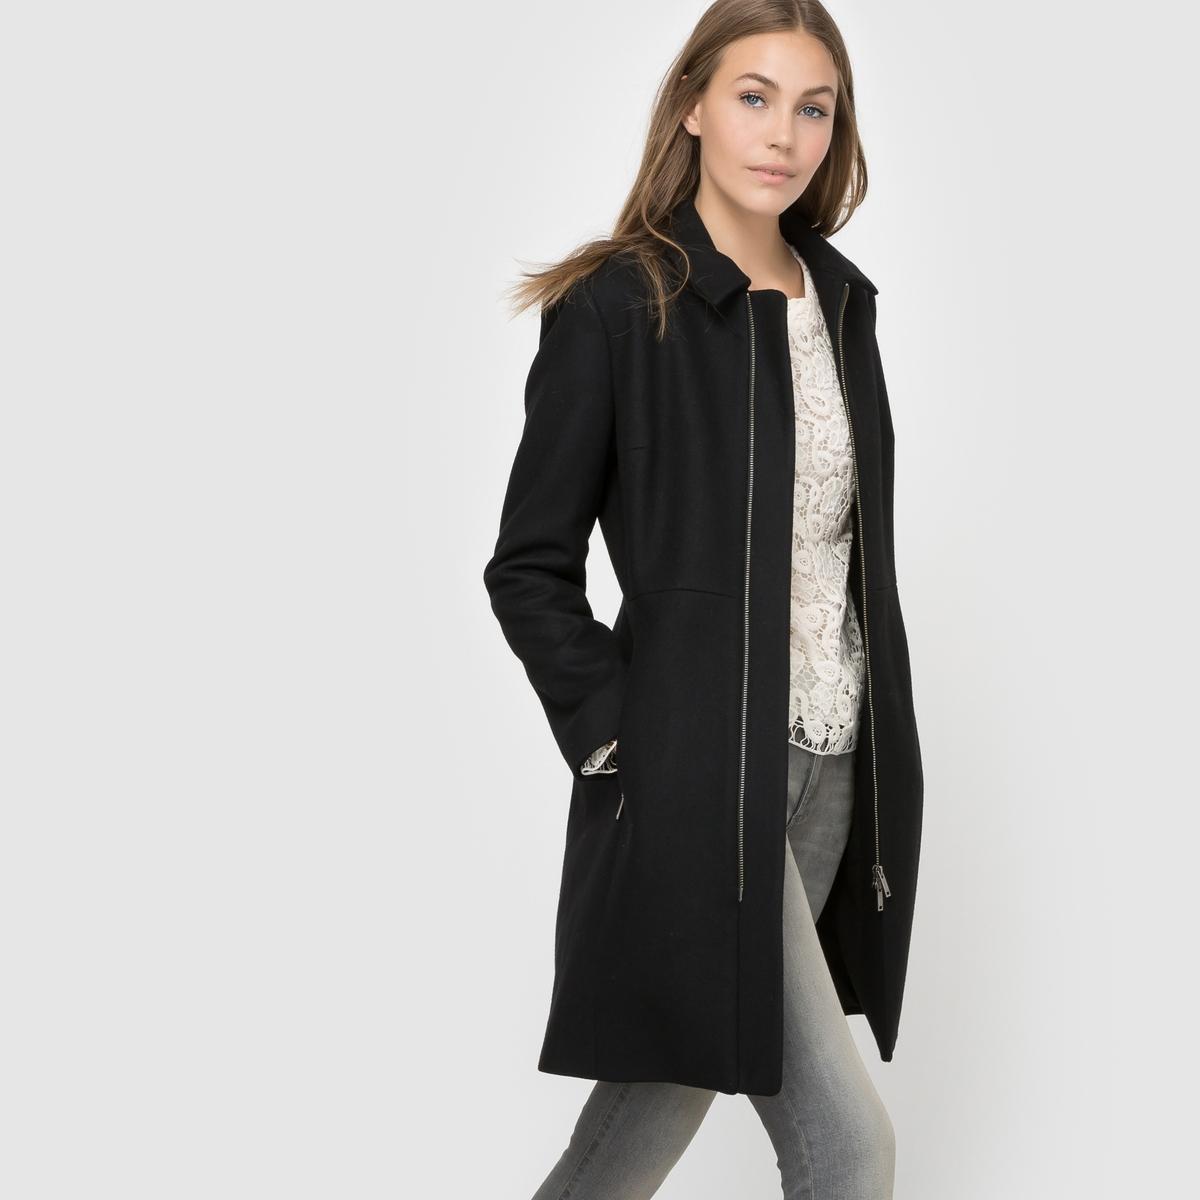 Пальто на молнии, 50% шерсти. пальто драповое 30% шерсти